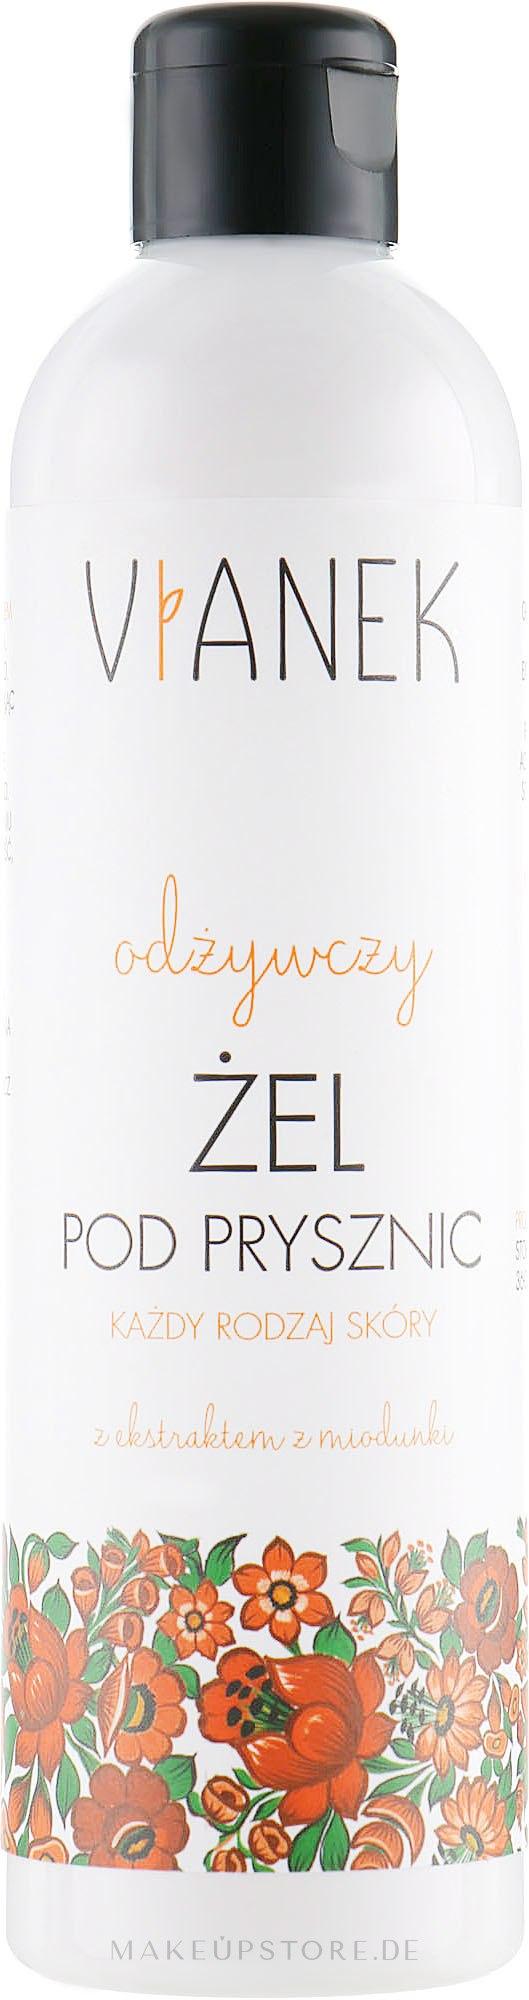 Pflegendes Duschgel mit Honigtauextrakt - Vianek Shower Gel — Bild 300 ml